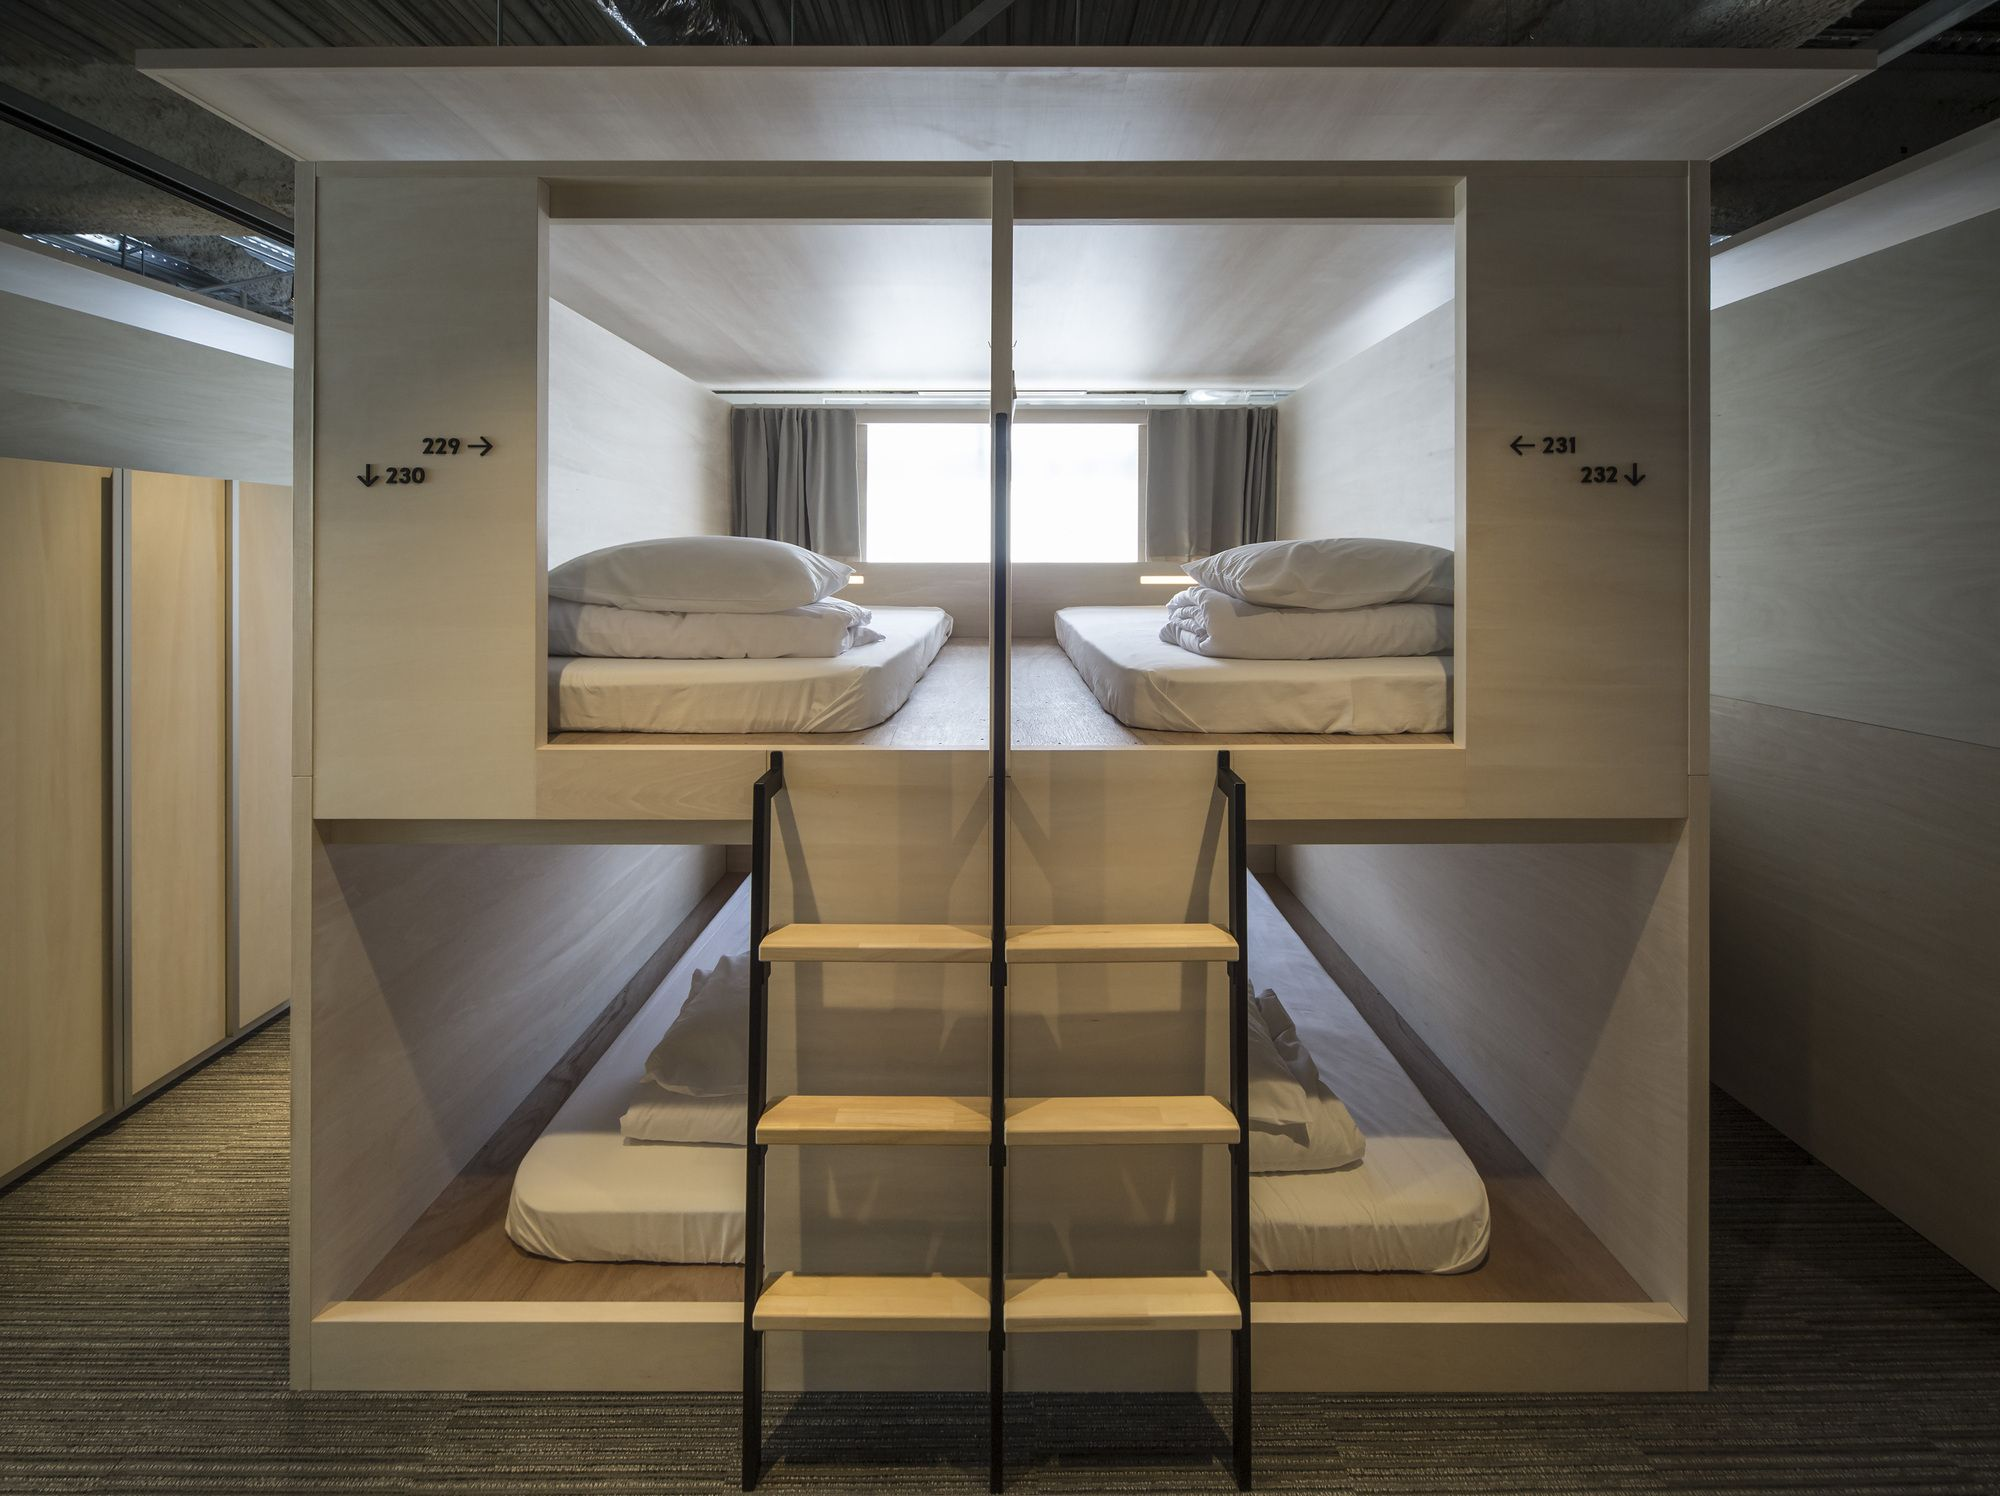 Galer De Unplan Kagurazaka Aida Atelier - 24 Hostels